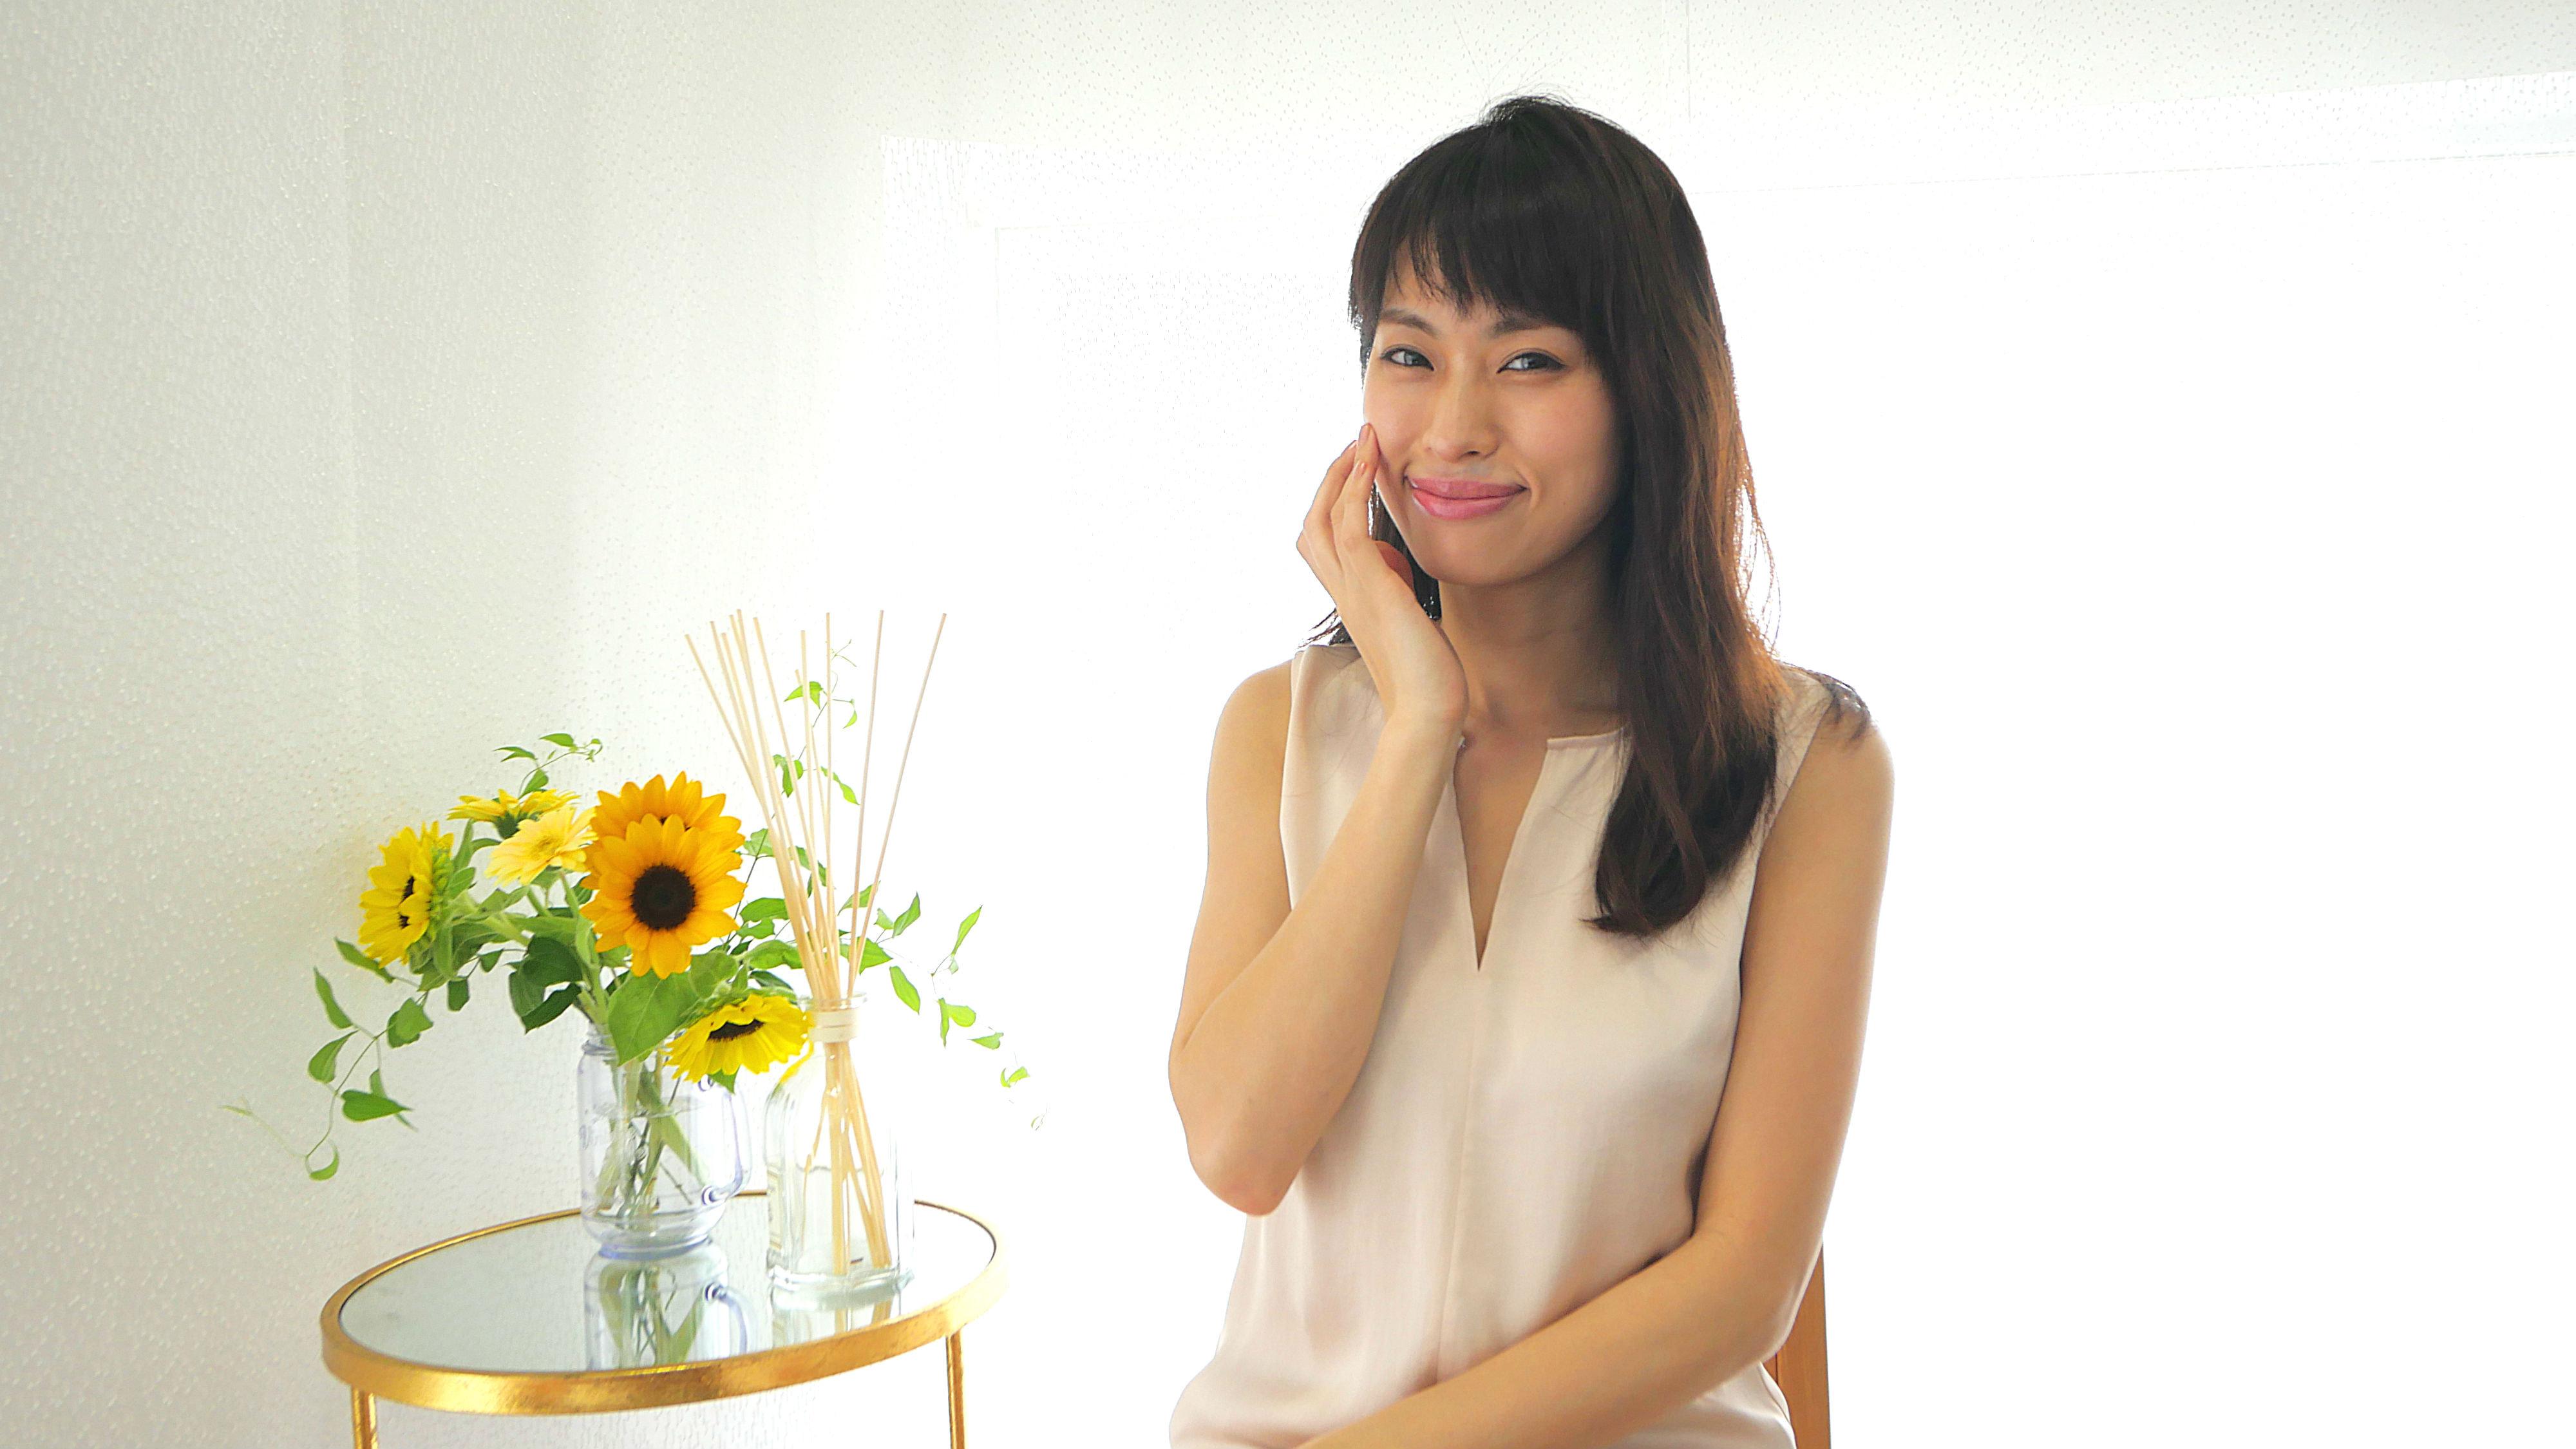 【若手美容家NO.1!】岡本静香さんが教える、日焼け肌の緊急レスキューテク